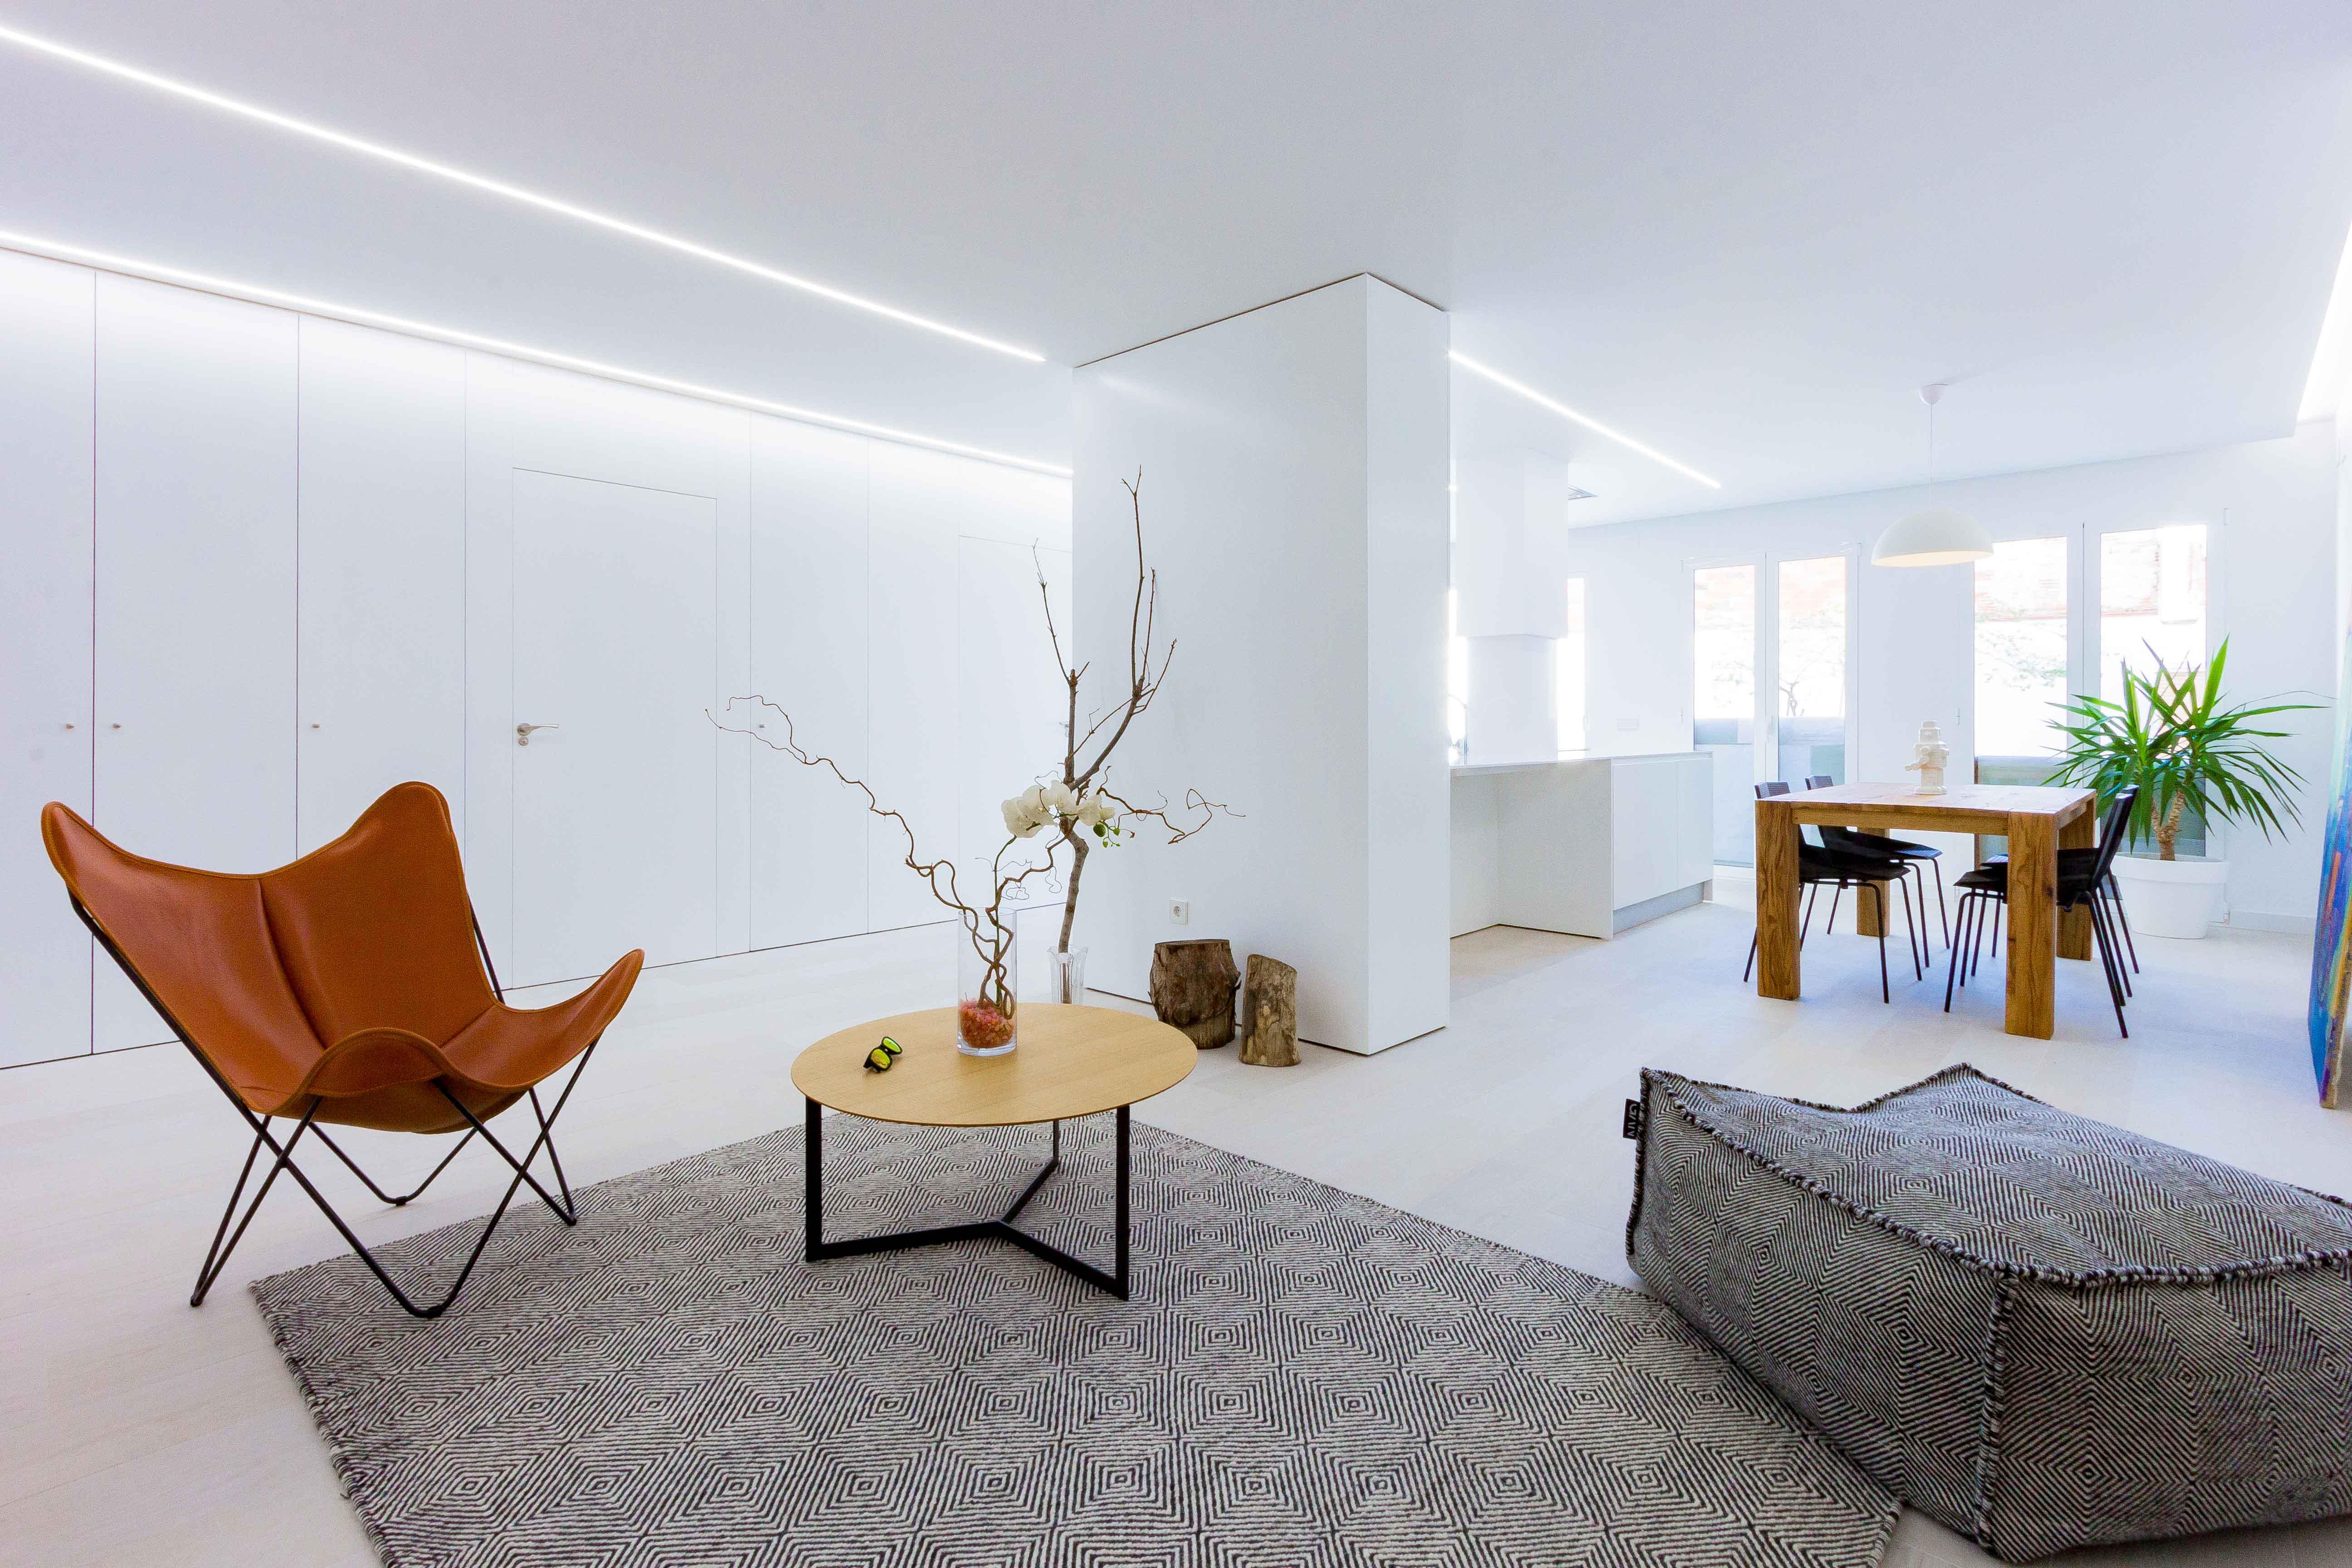 Reforma de casa minimalista estilo nórdico. Chiralt Arquitectos Valencia.